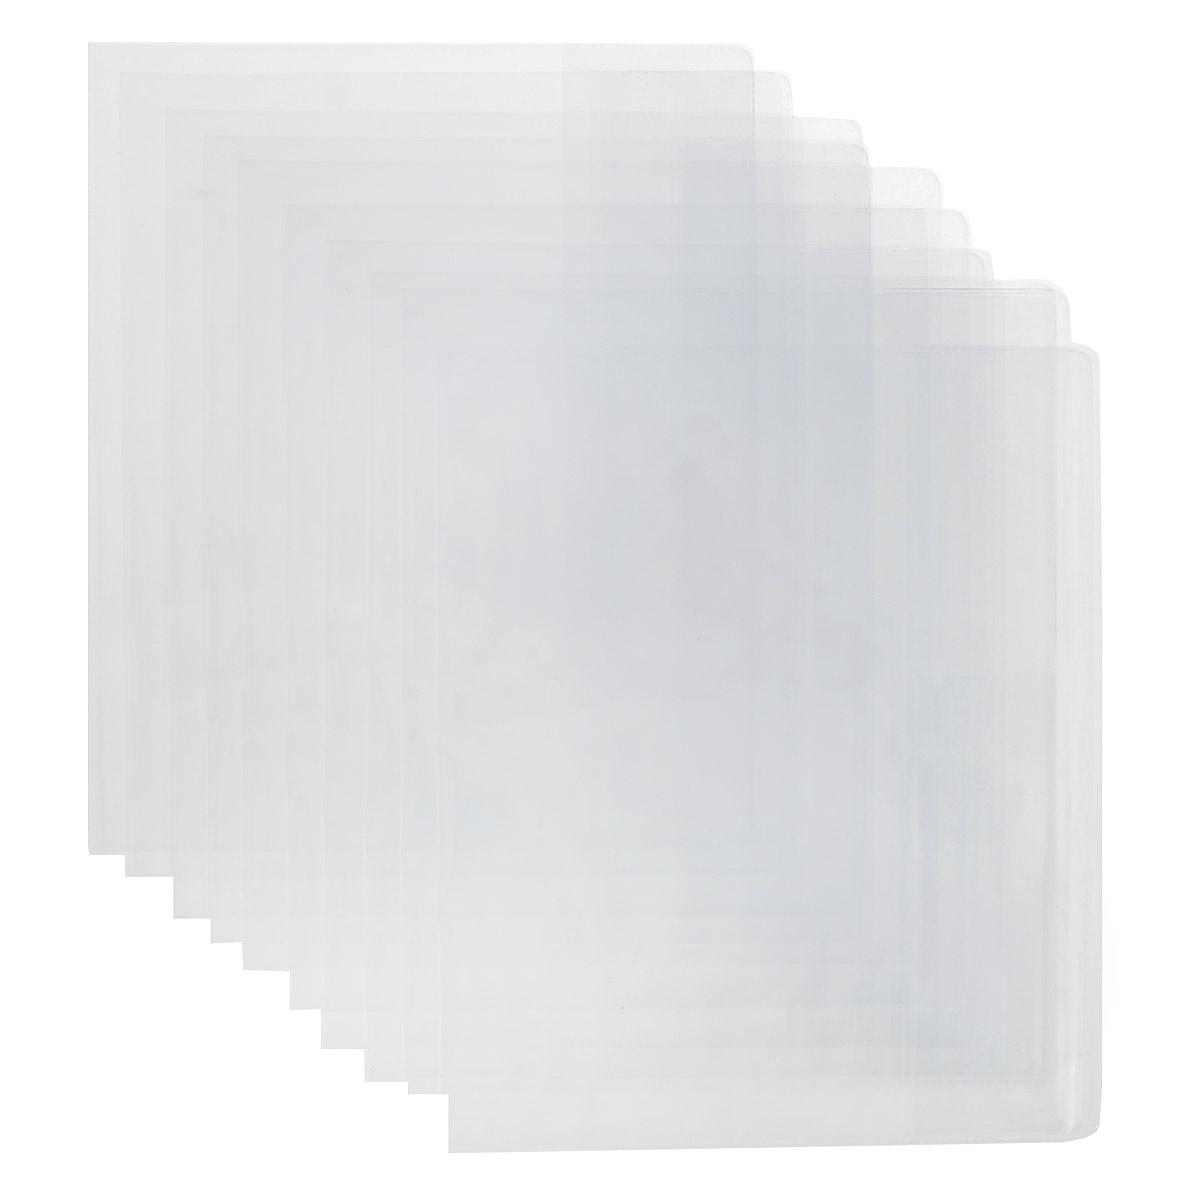 Комплект обложек для дневника и тетради Брупак, цвет: прозрачный, 21 см х 35,5 см, 10 штК10-14Набор цветных обложек для тетрадей и дневников Брупак предназначены для защиты тетрадей, дневников от пыли, грязи и механических повреждений. Обложки с прозрачными клапанами. Рекомендовано для детей старше трех лет.